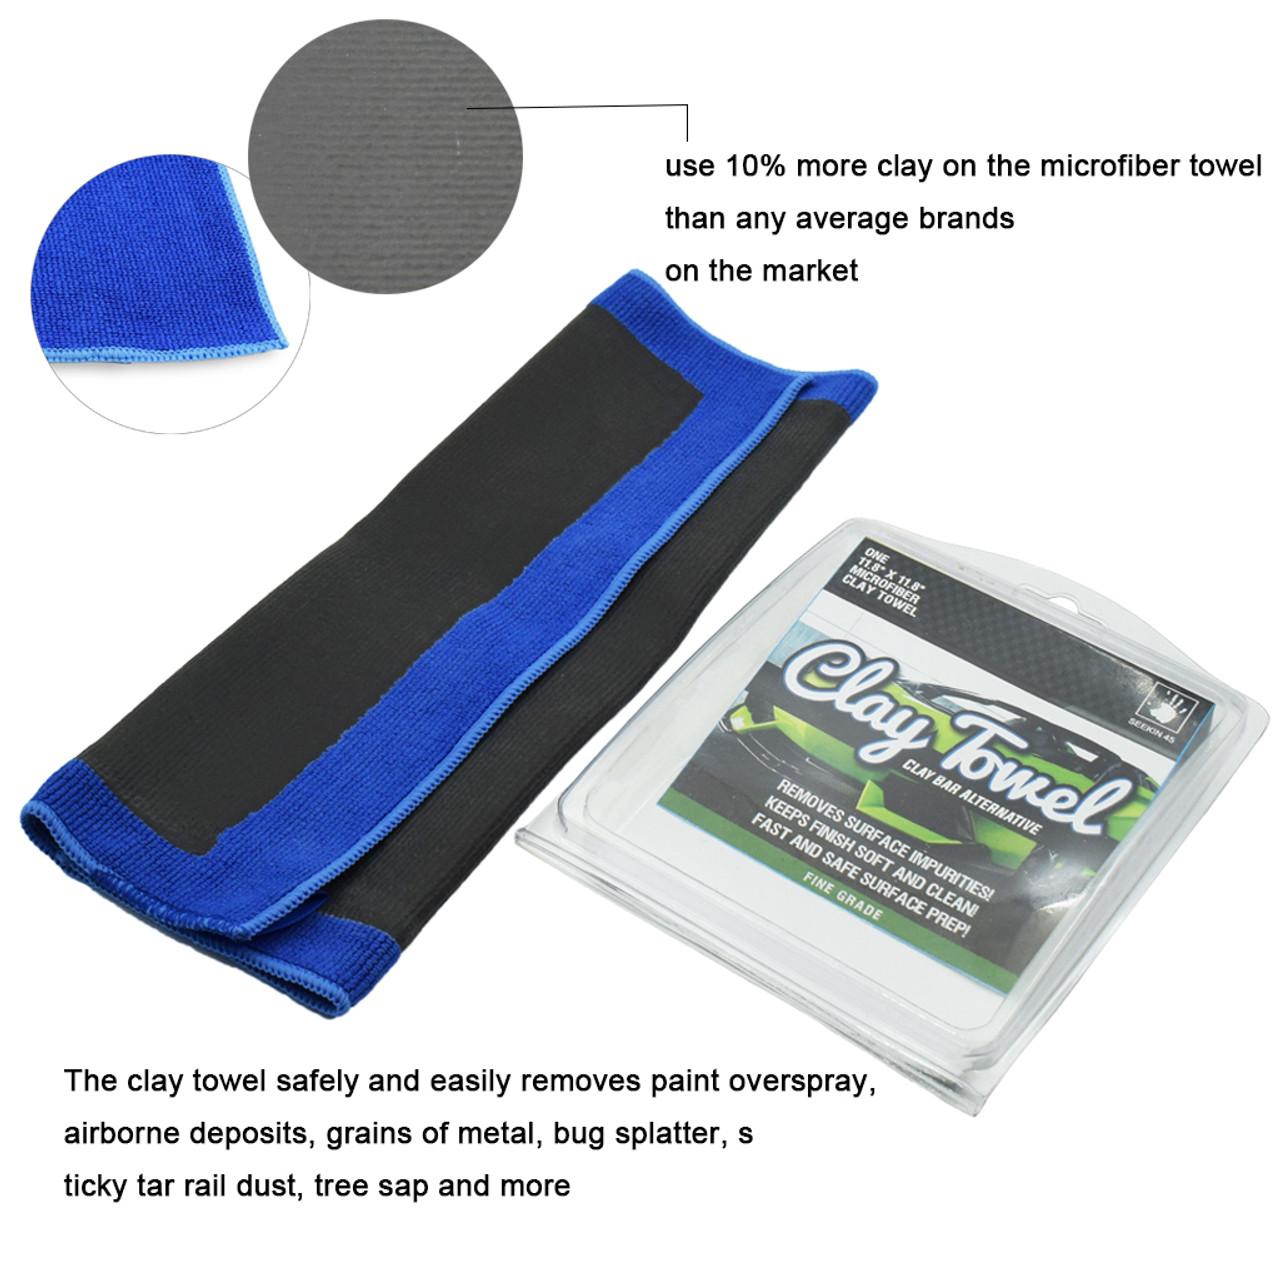 Denali Seekin 45 Microfiber clay Towel